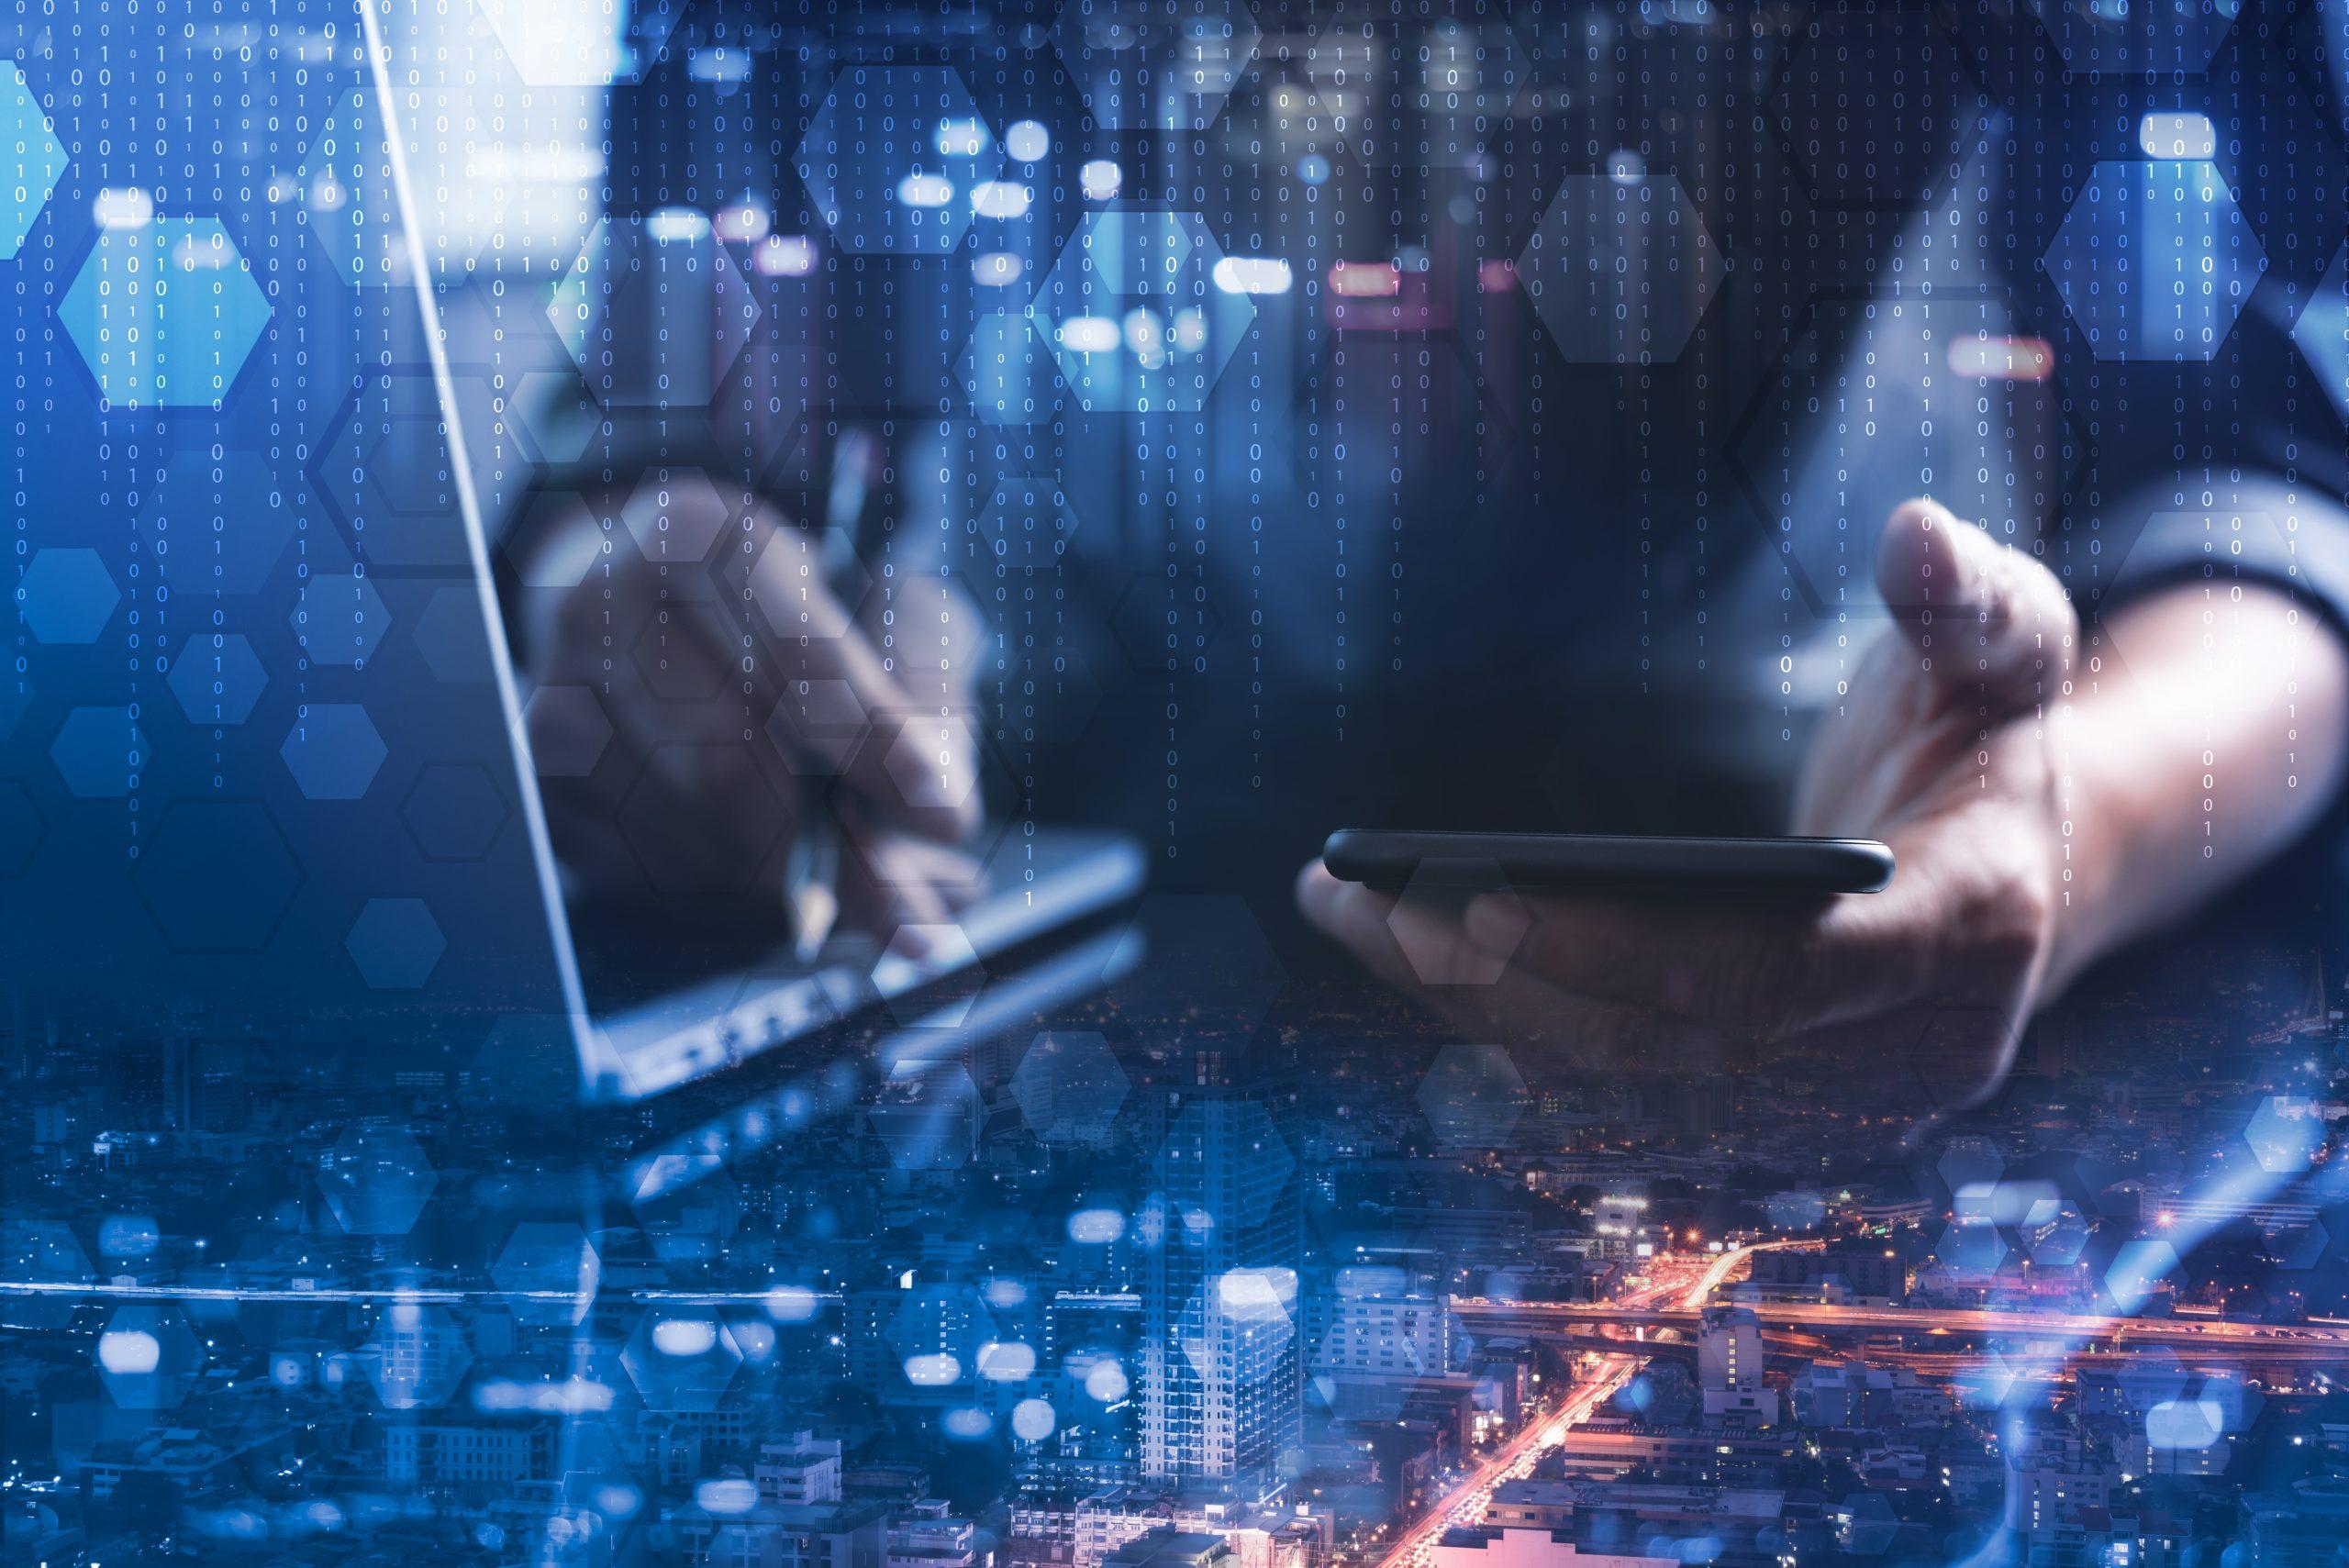 Courtiers en assurance : Cinq nouvelles pistes de business models pour mettre en œuvre une stratégie face à la révolution numérique